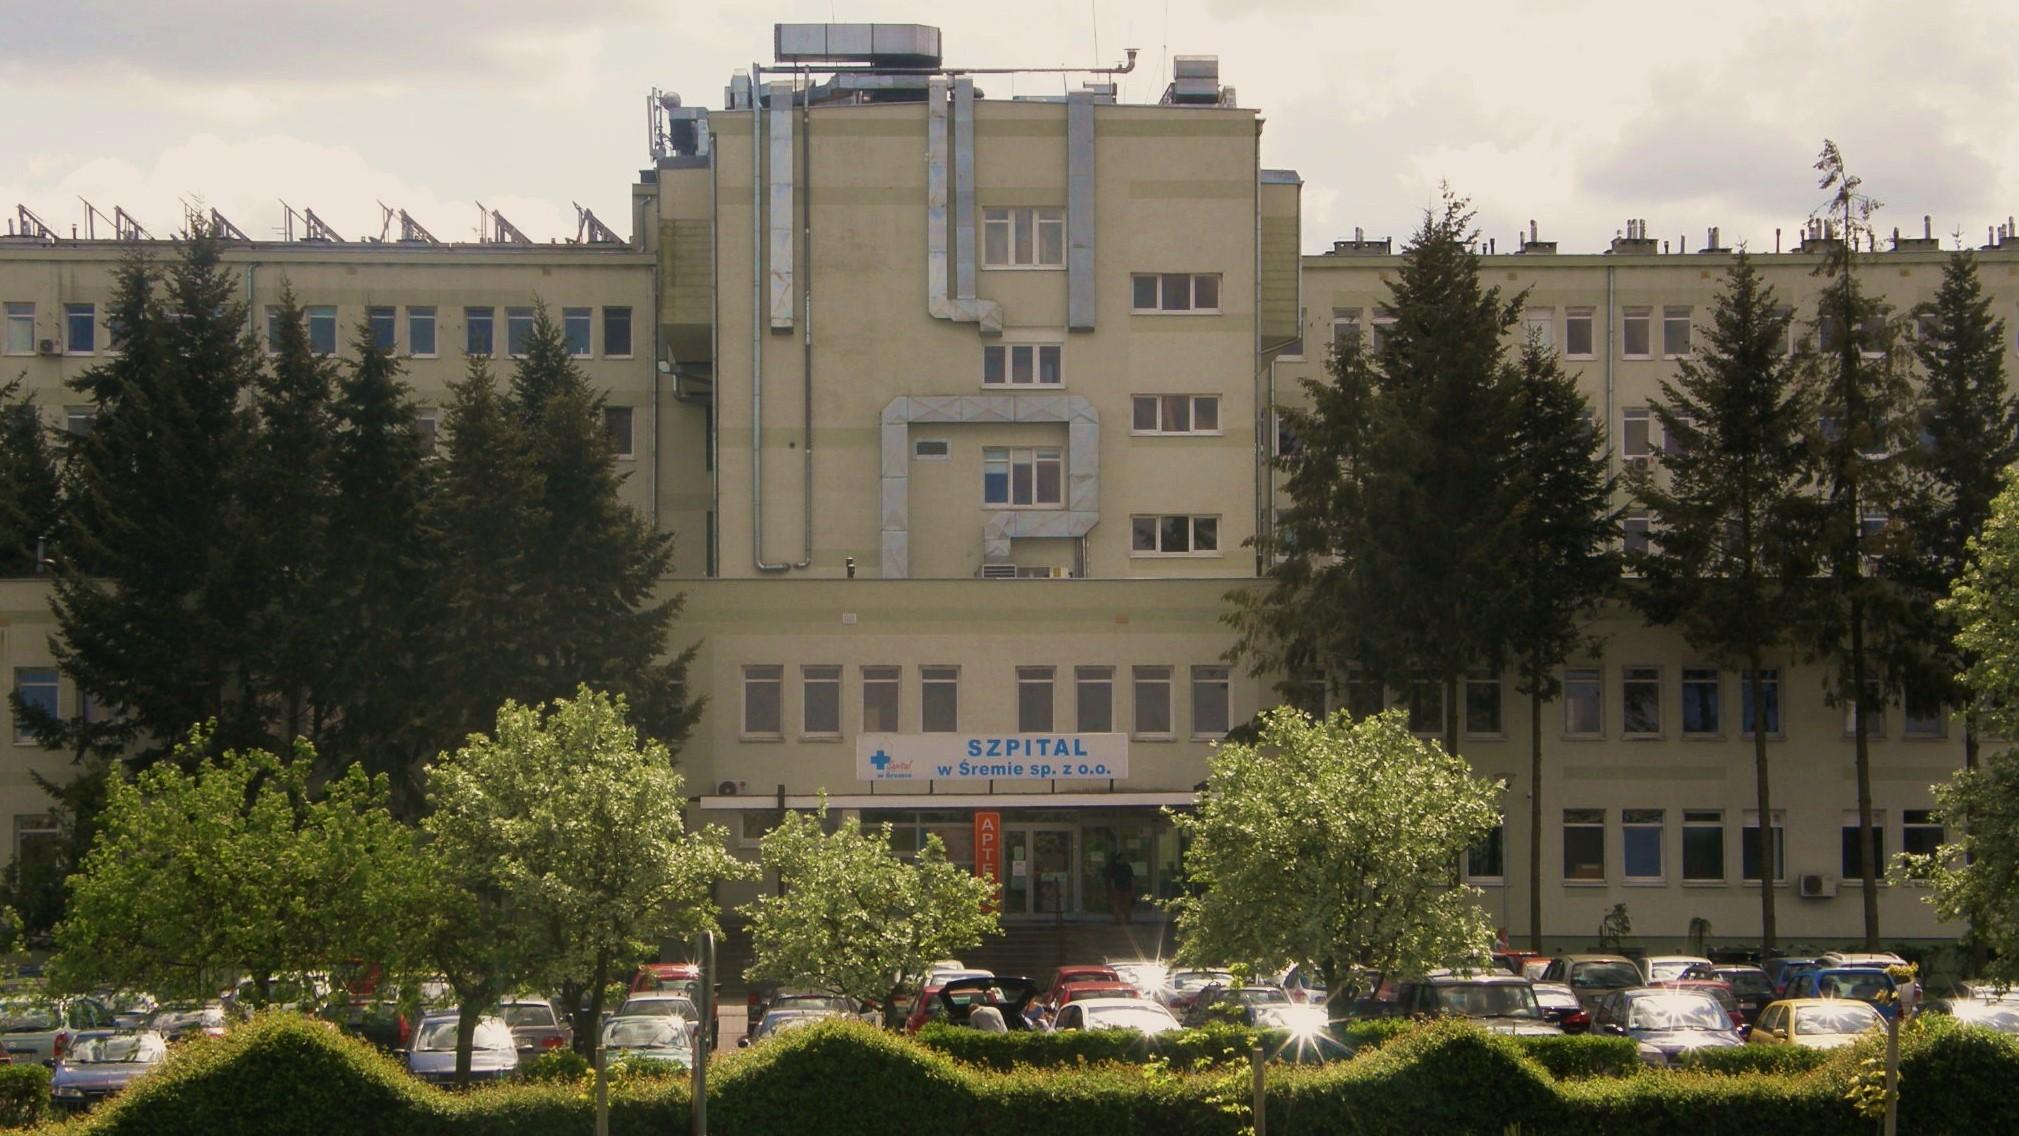 szpital w śremie powiatowy - FB: Szpital w Śremie